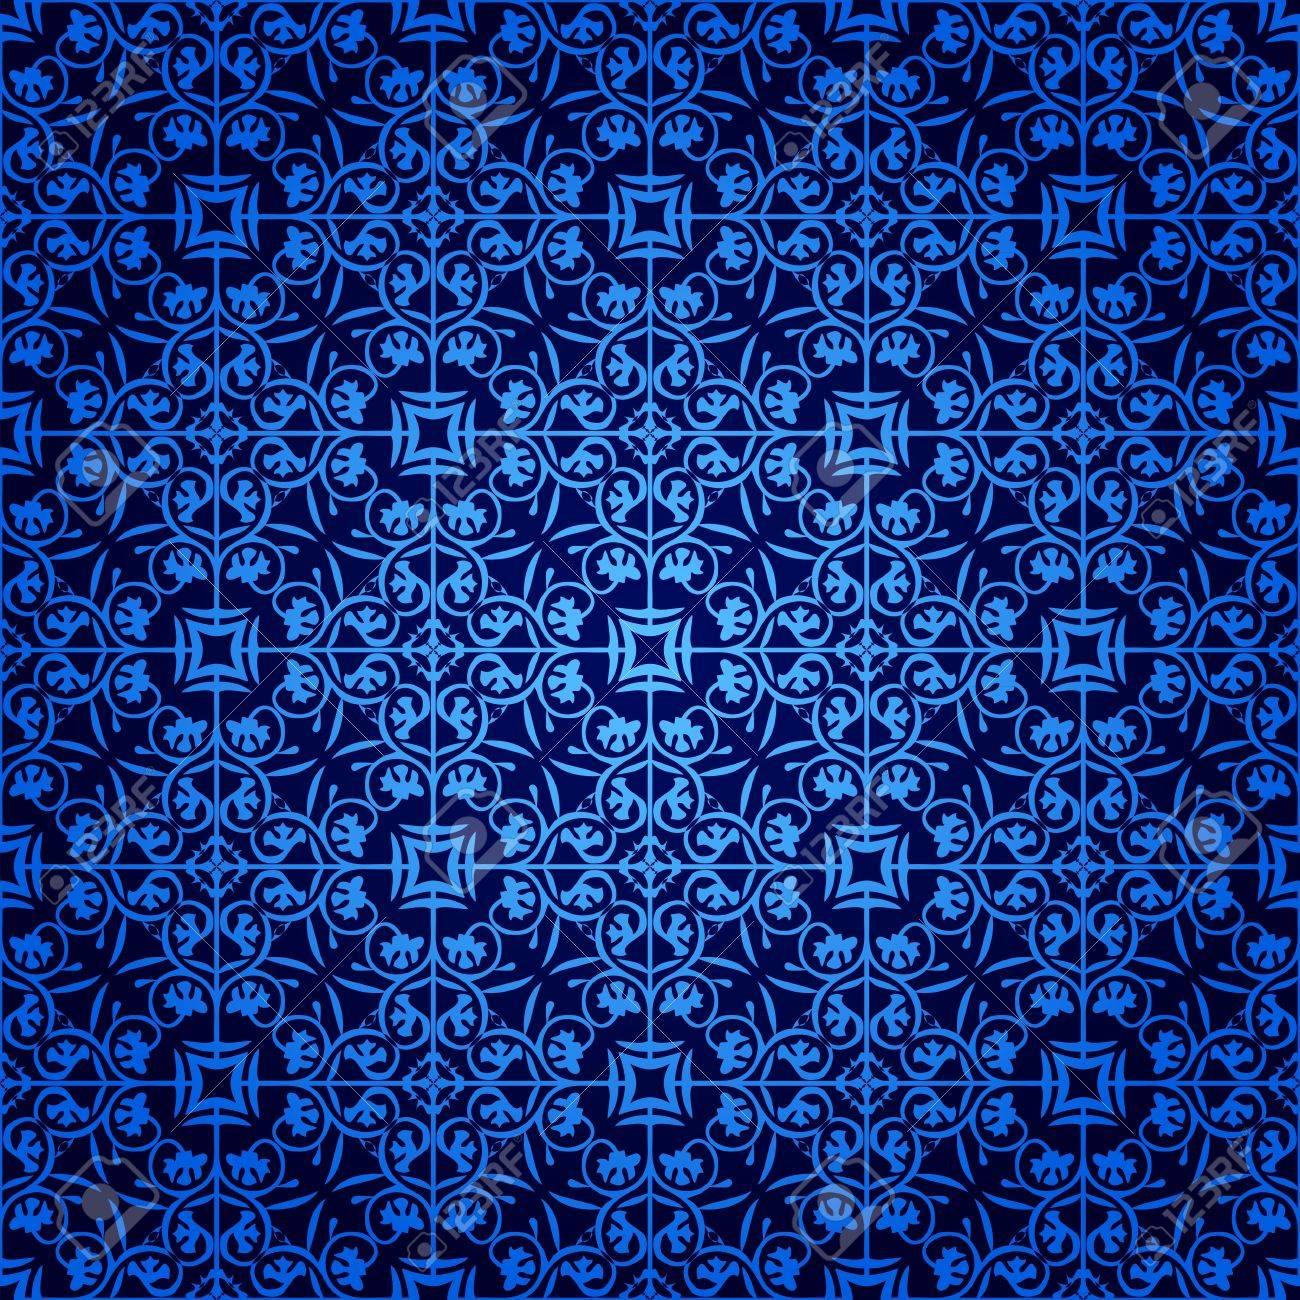 シームレスなゴシック様式の壁紙のイラスト素材 ベクタ Image 14970447